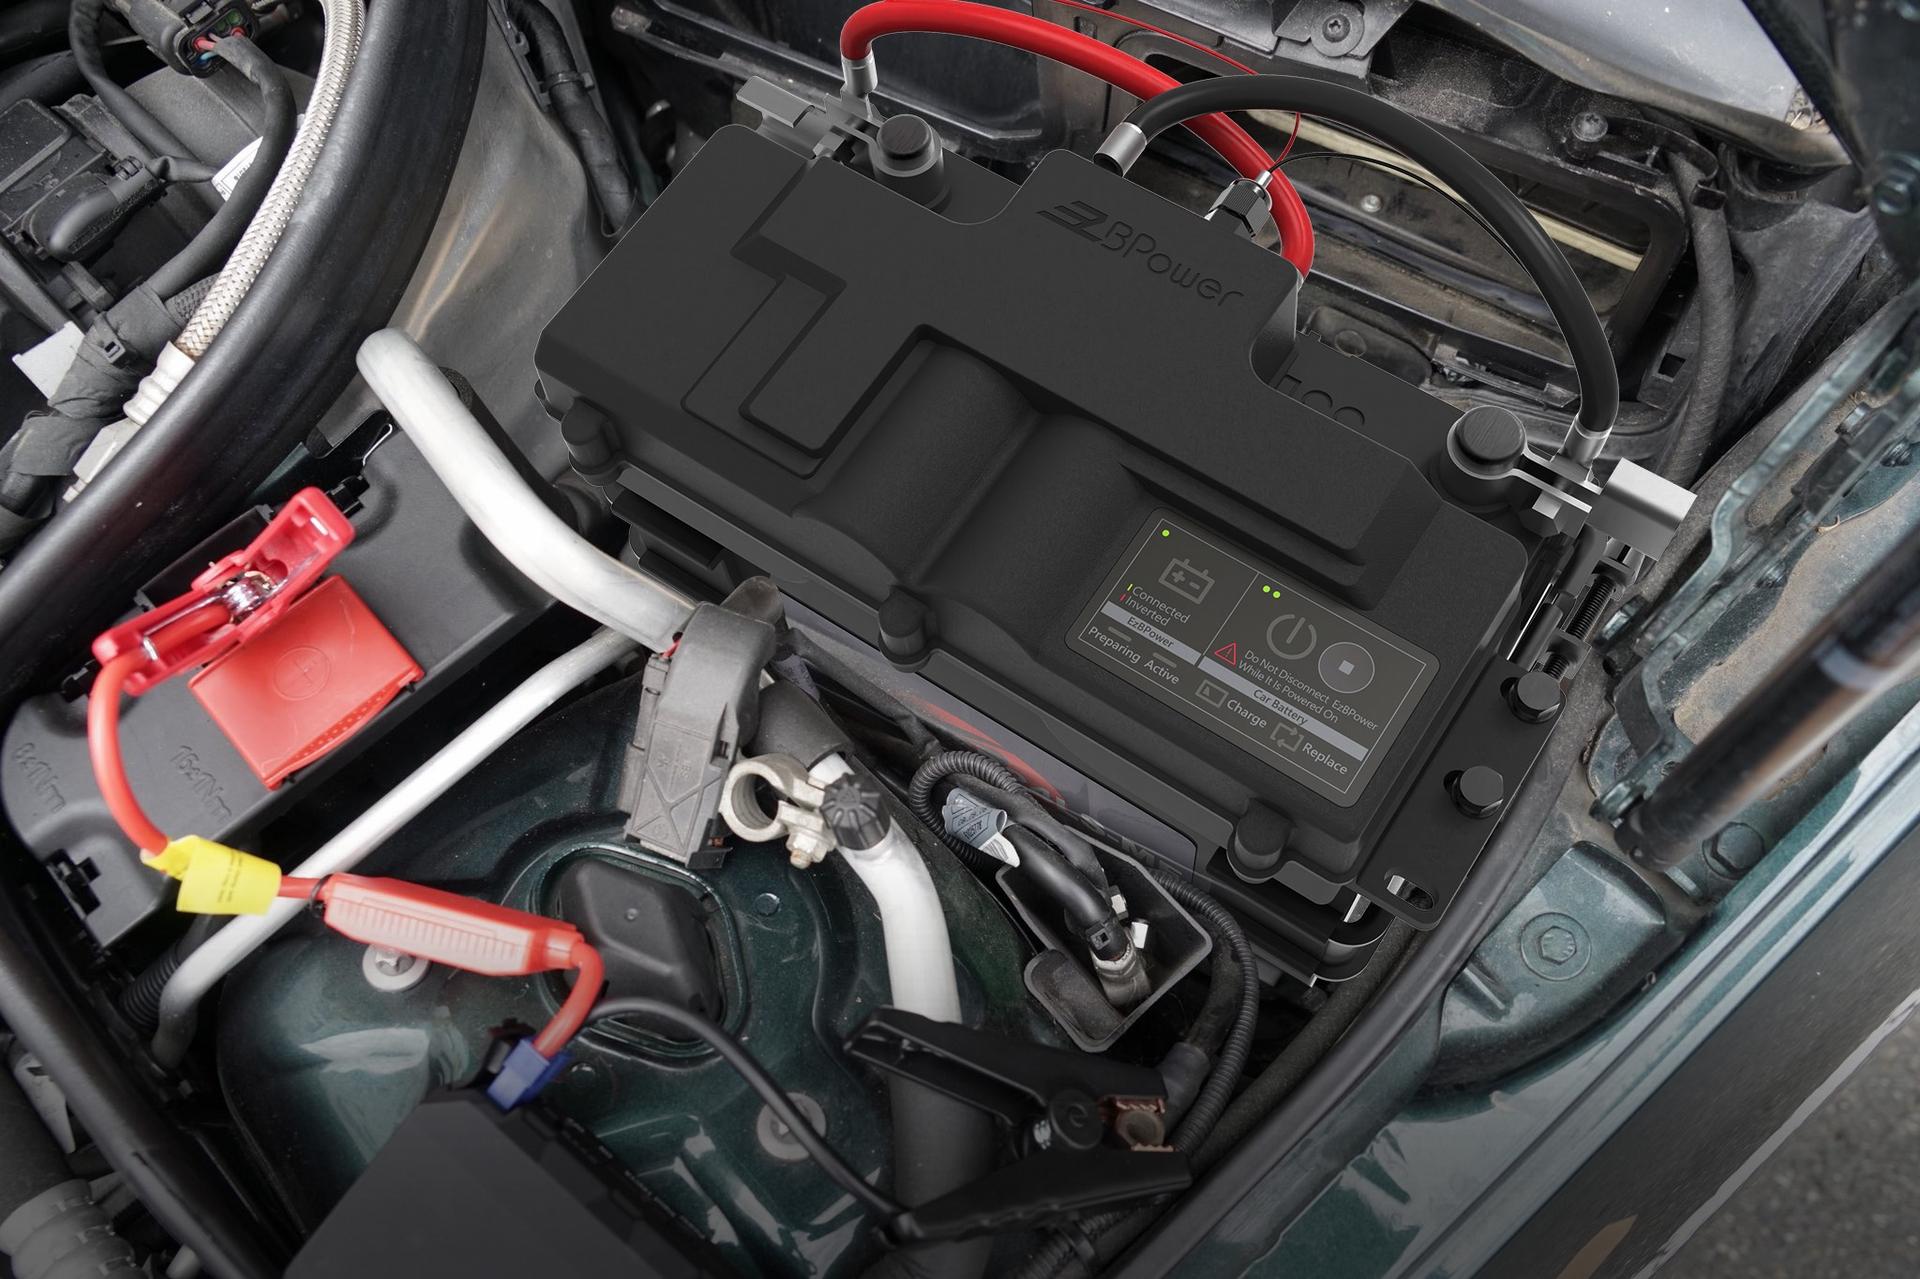 EzBPower永久電瓶系統,當汽車久置不用電量剩20%時,會有「立即充電」警示功能,預防電瓶沒電無法啟動。